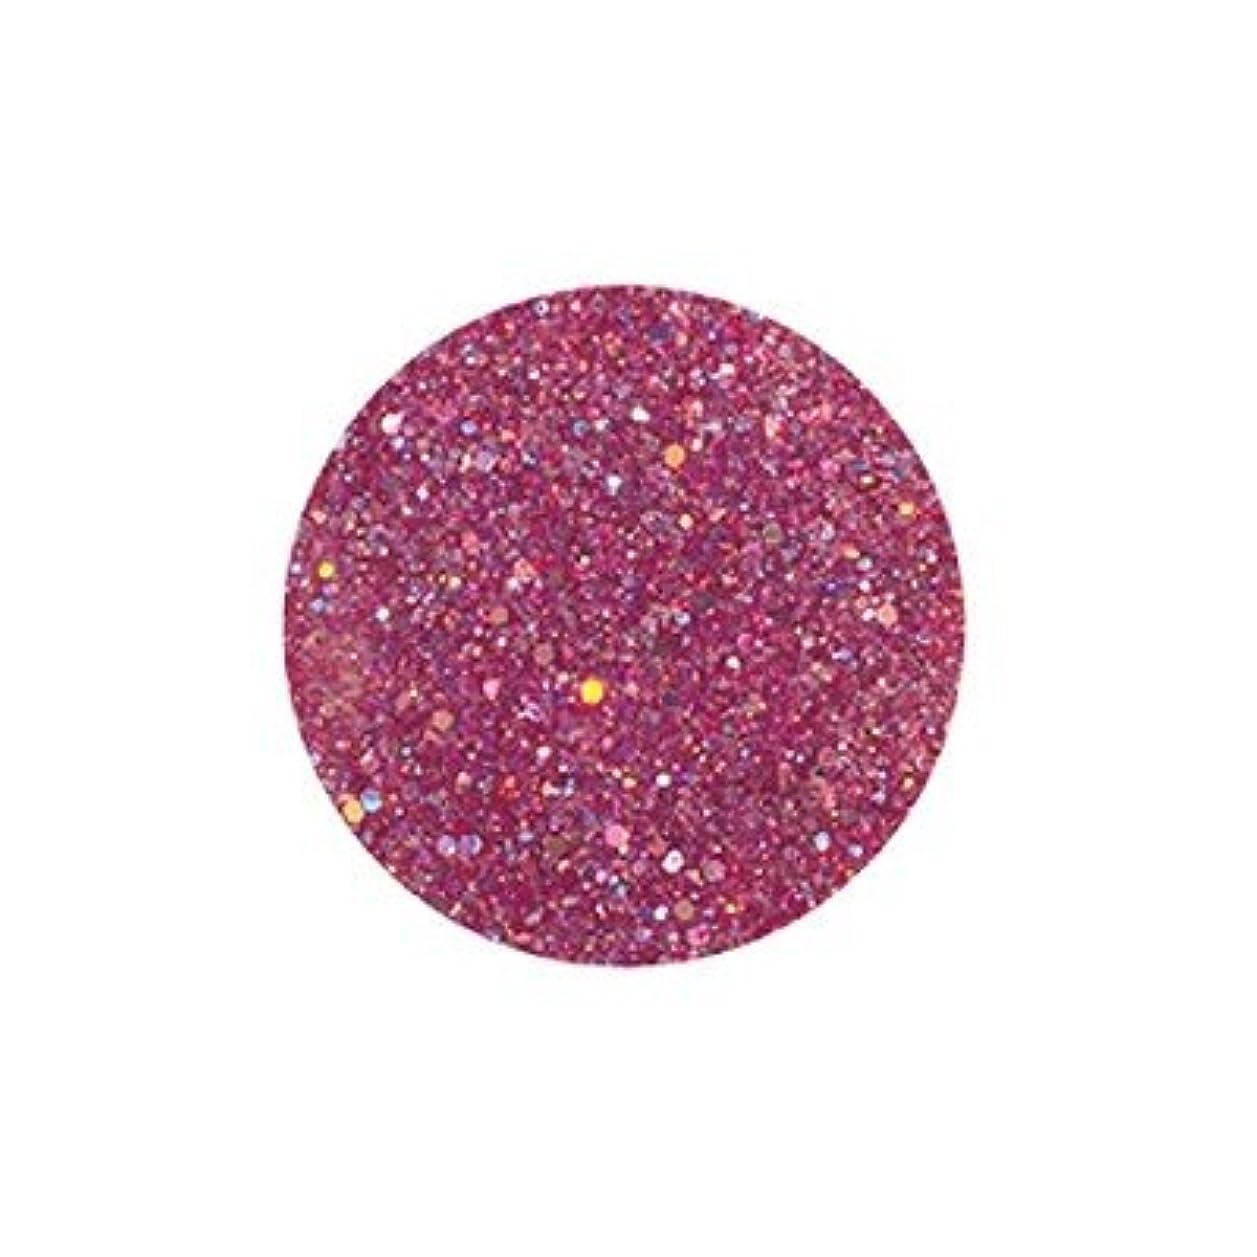 マザーランド結婚式会議FANTASY NAIL ダイヤモンドコレクション 3g 4259XS カラーパウダー アート材